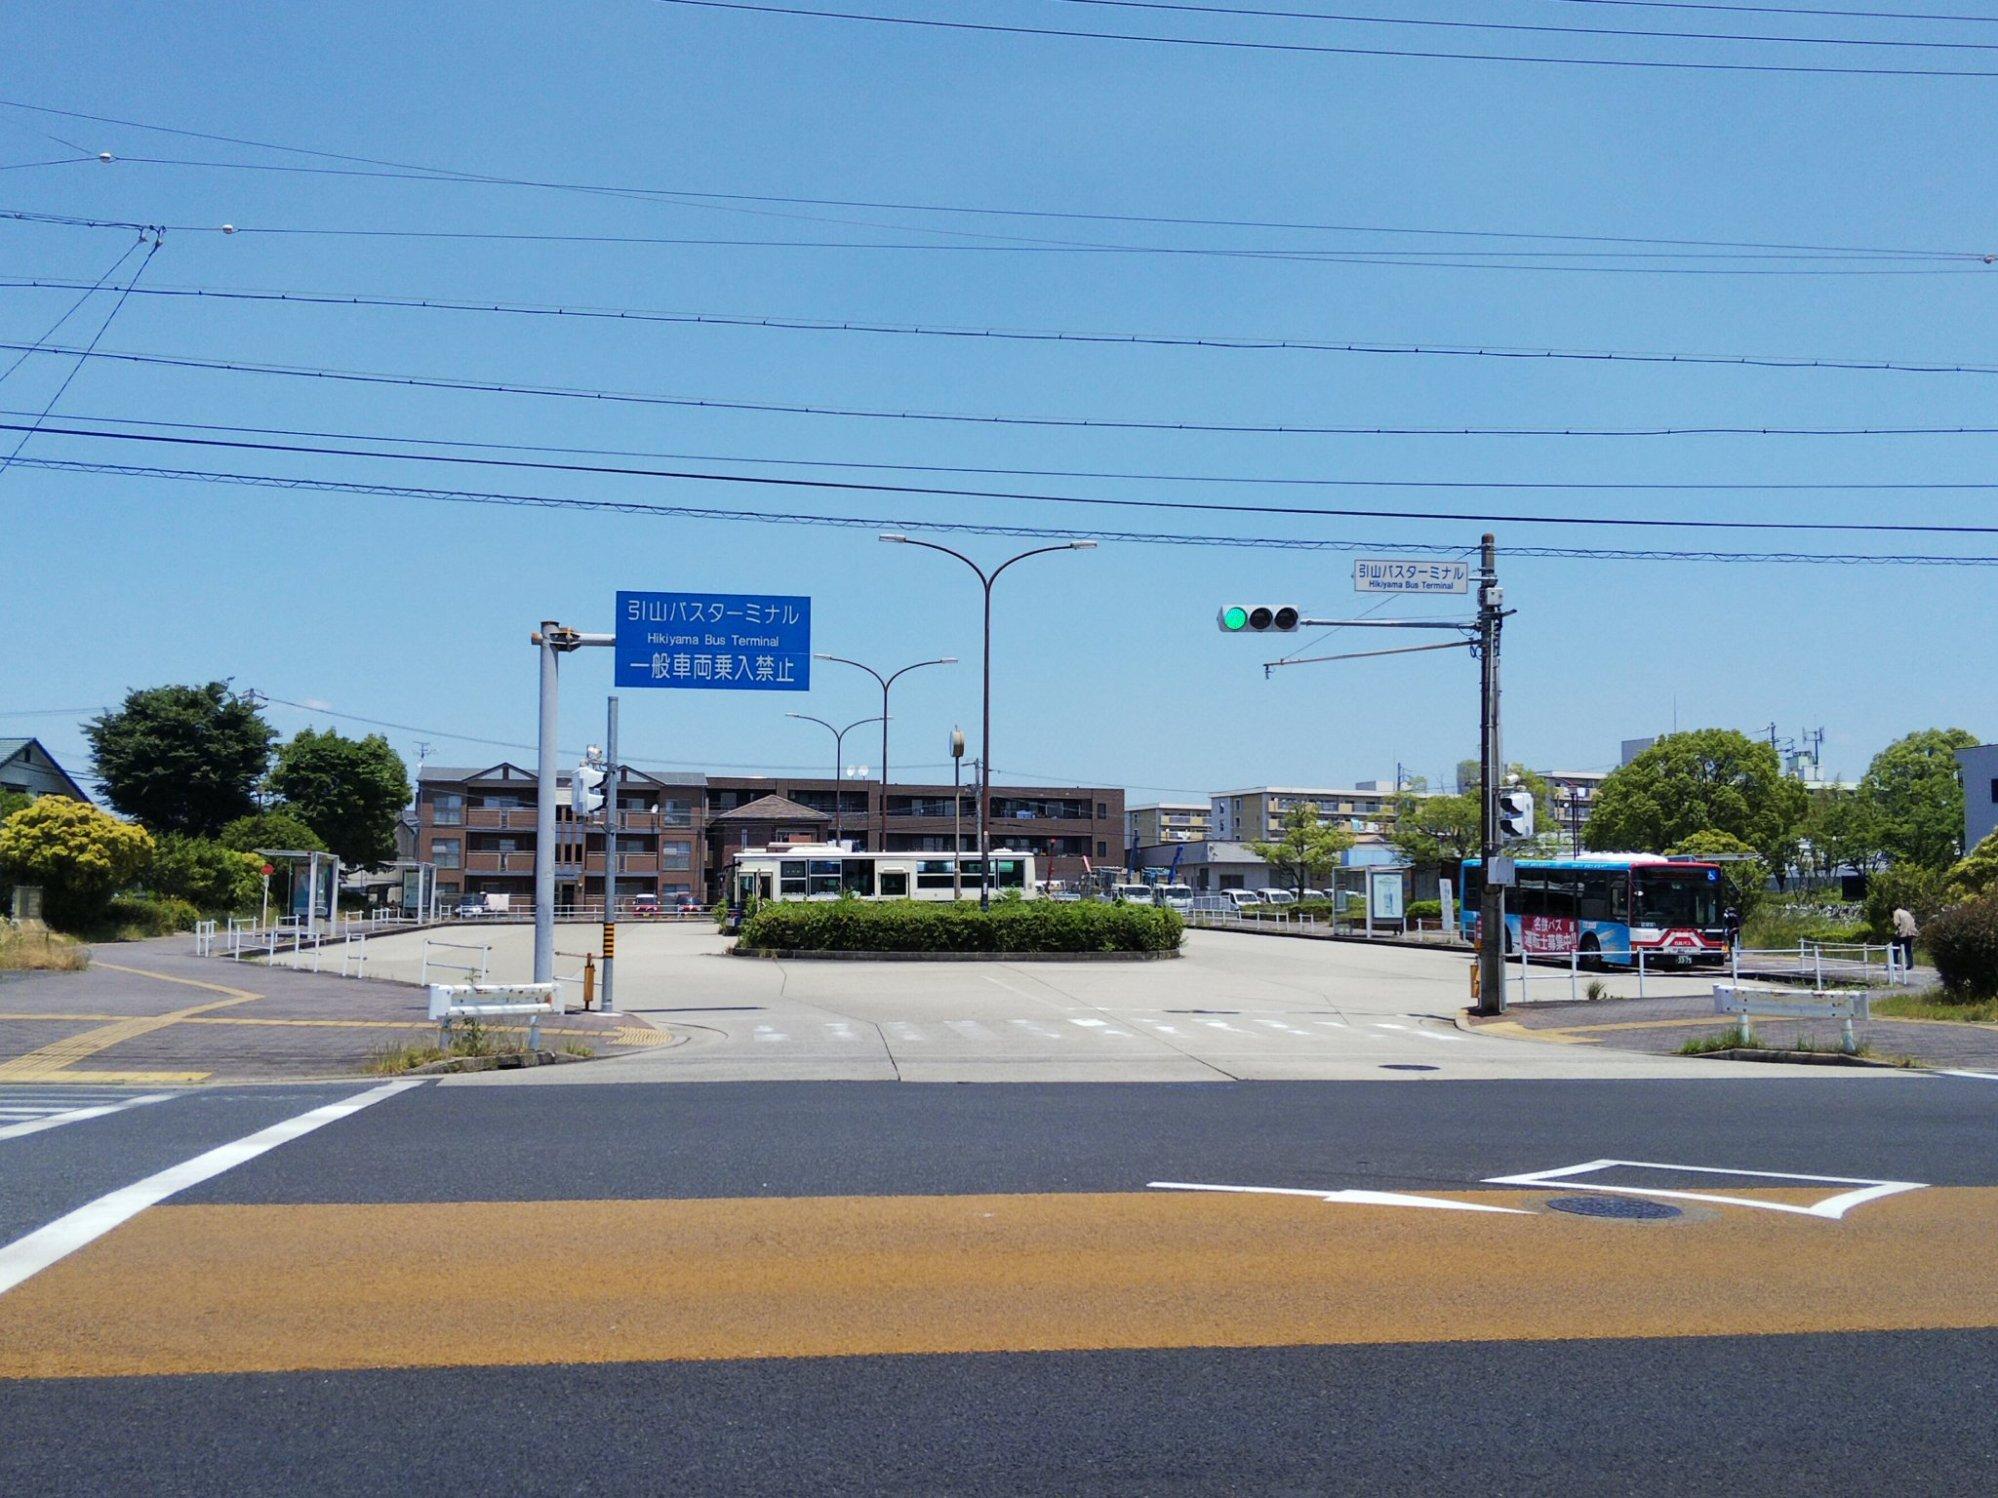 引山バスターミナル(名古屋市バス・名鉄バス)